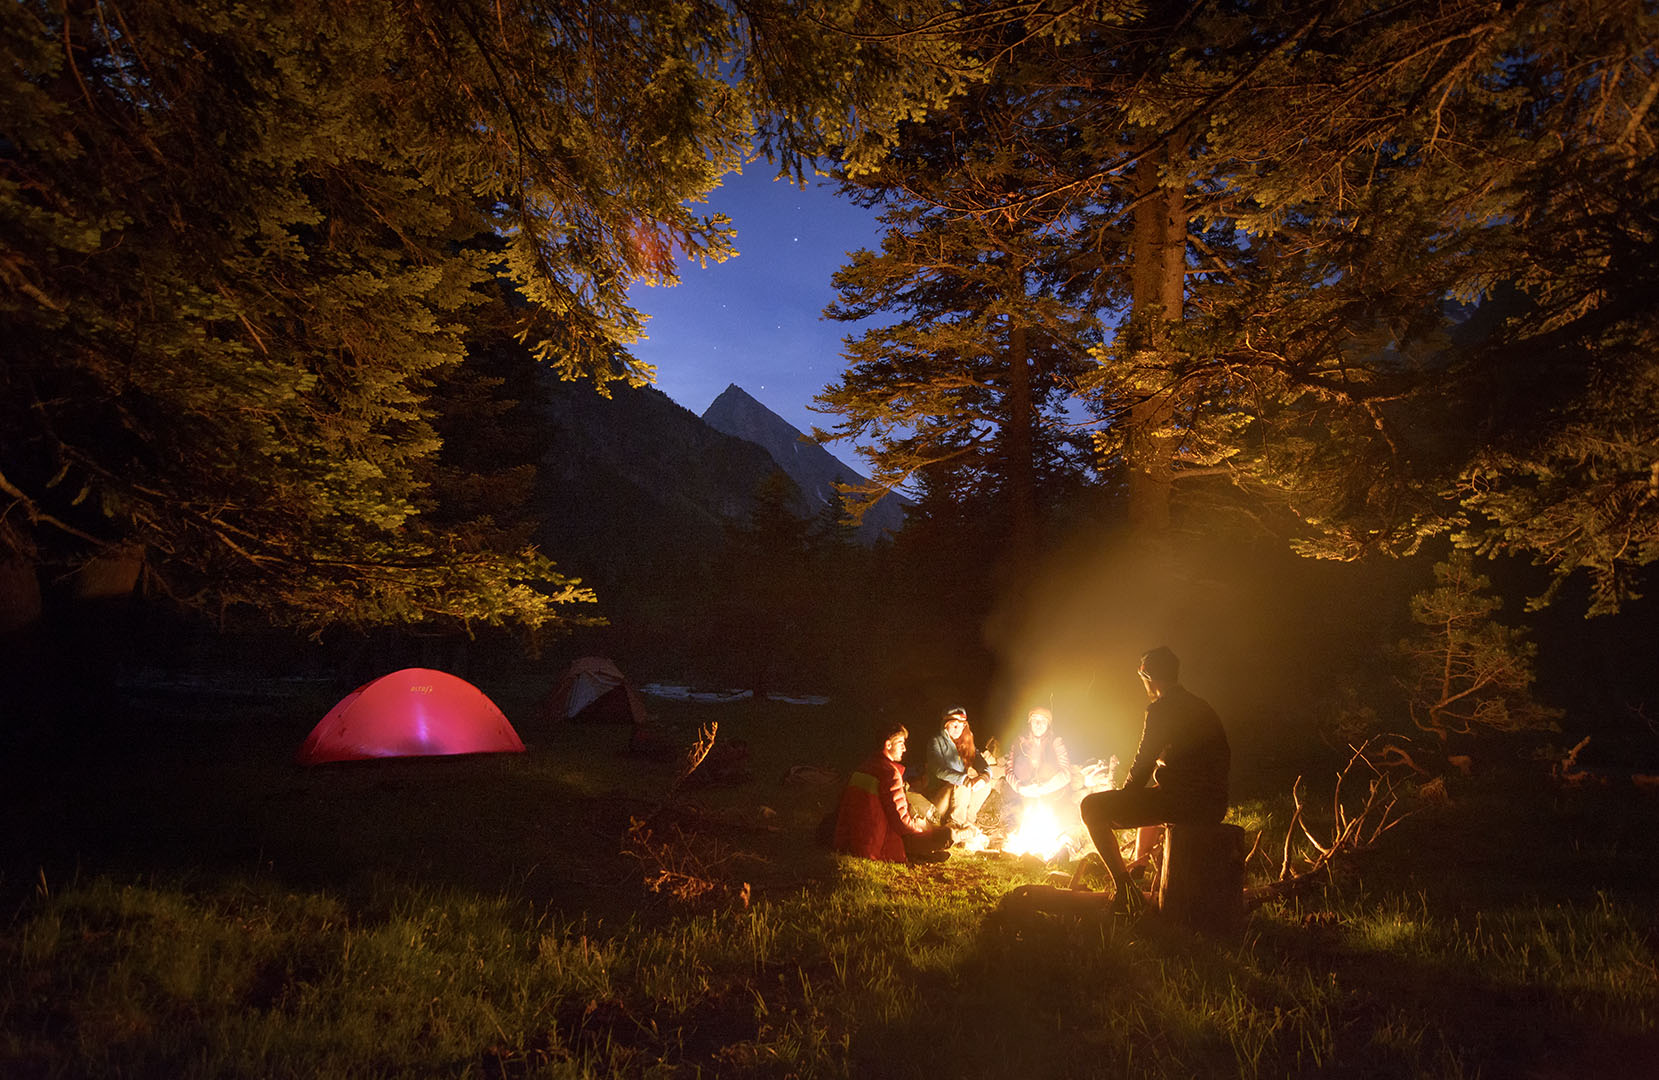 al abrigo de la noche - Deportes y aventuras - Inaki Larrea, Nature and mountains Photography